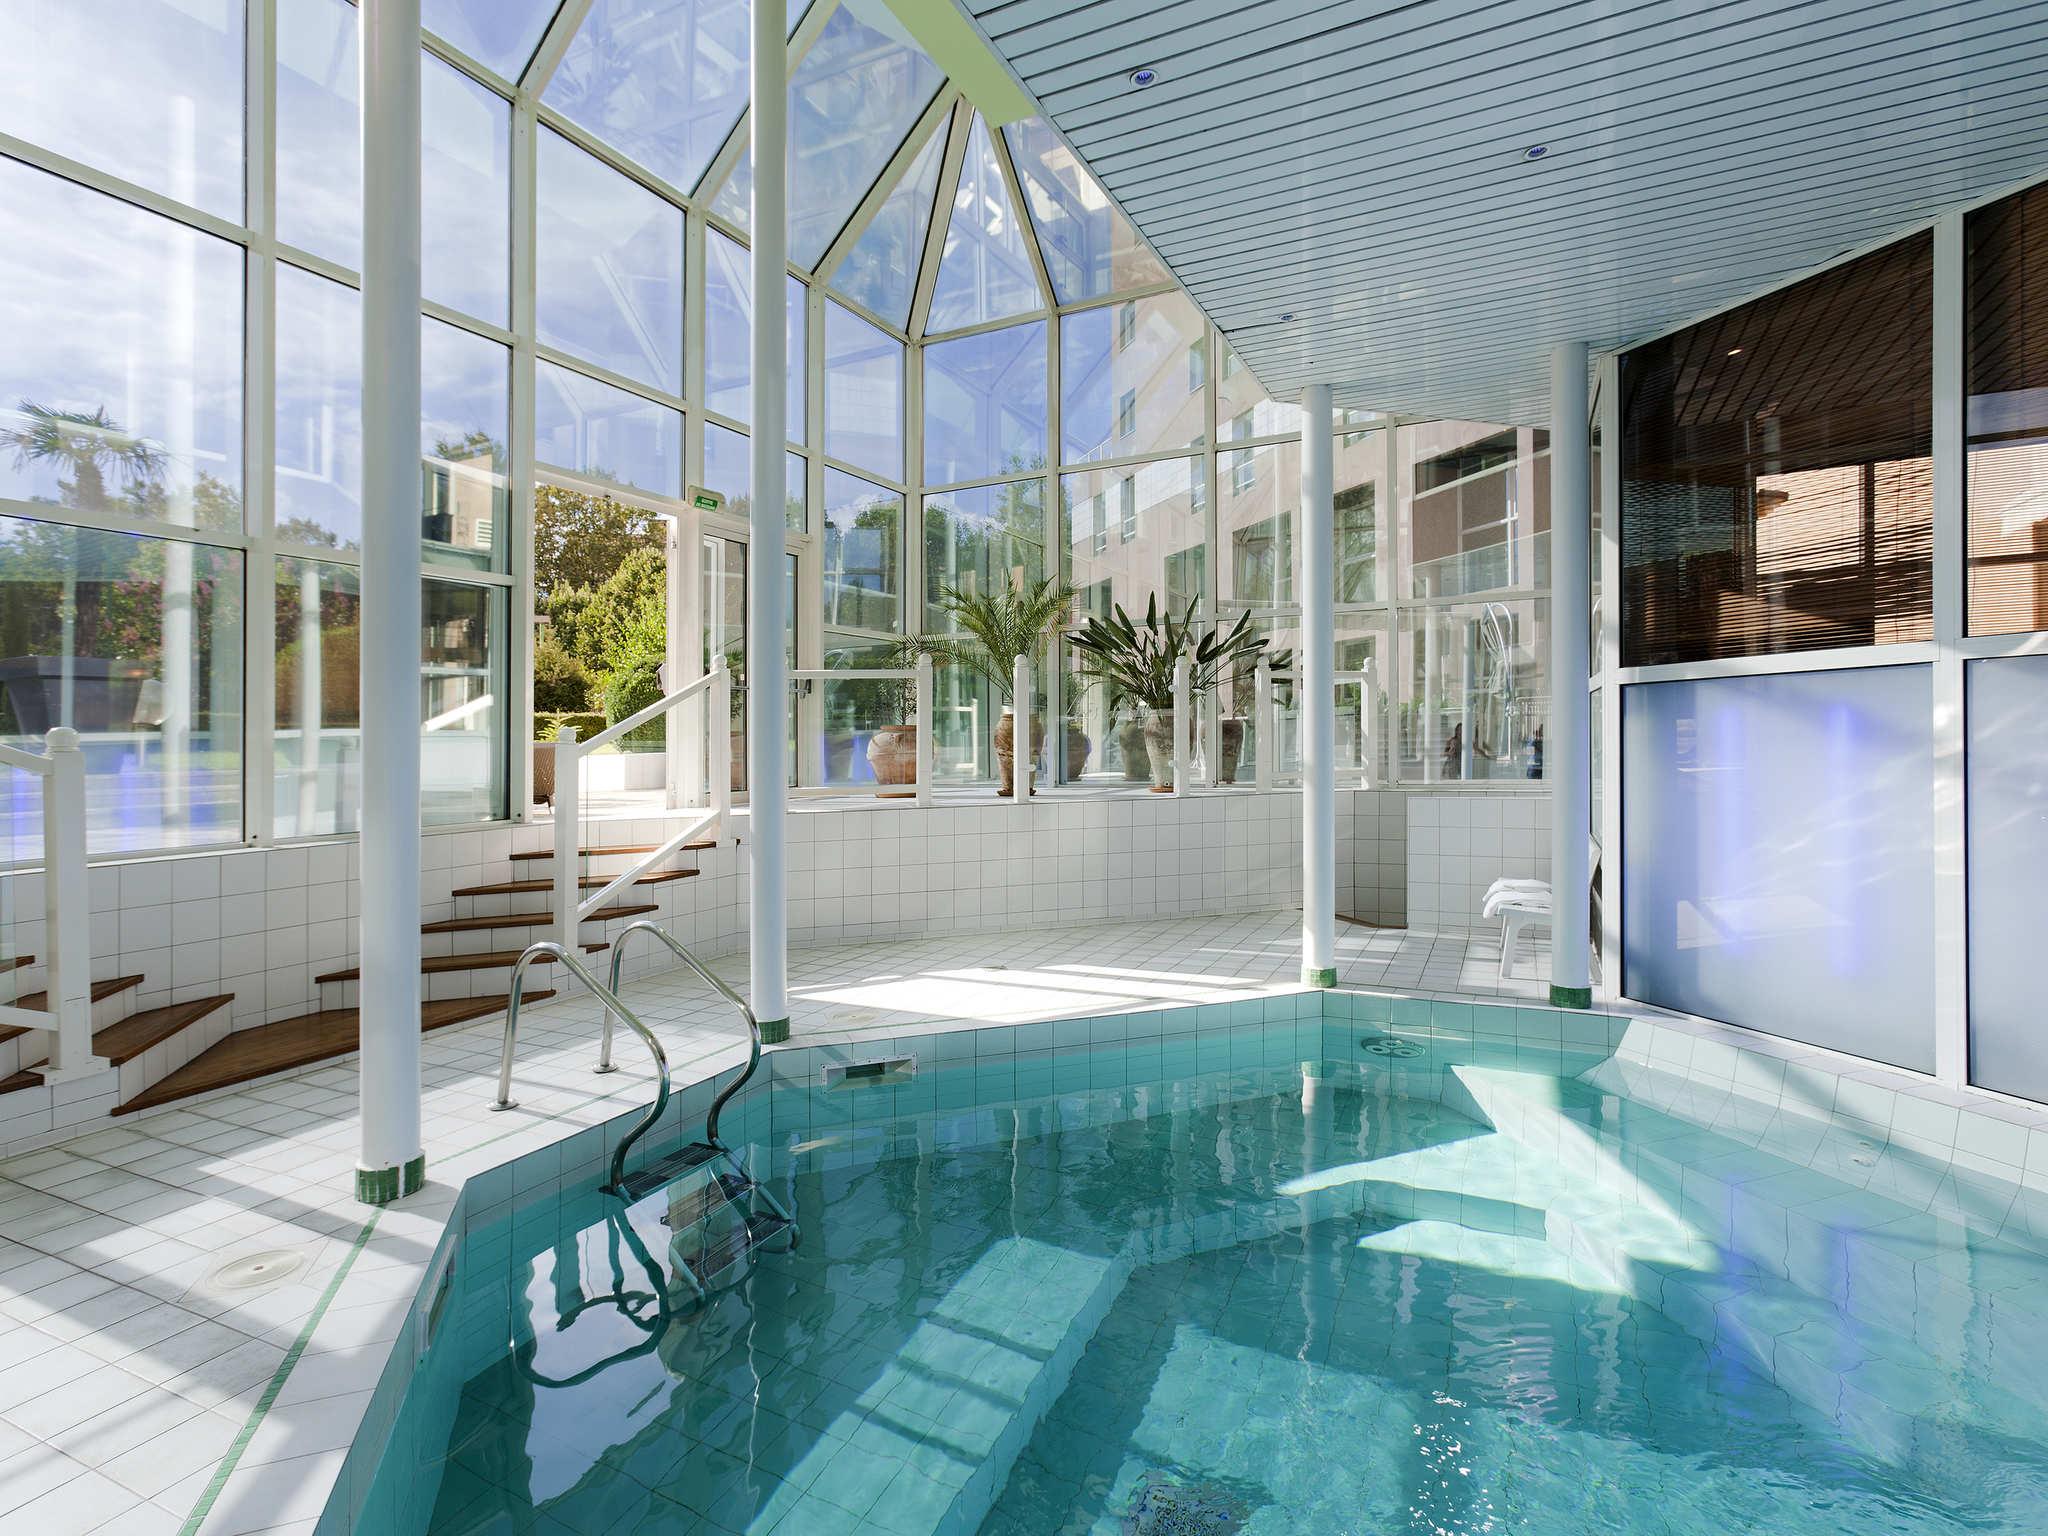 Hotel – Mercure Grenoble Centre Président hotel